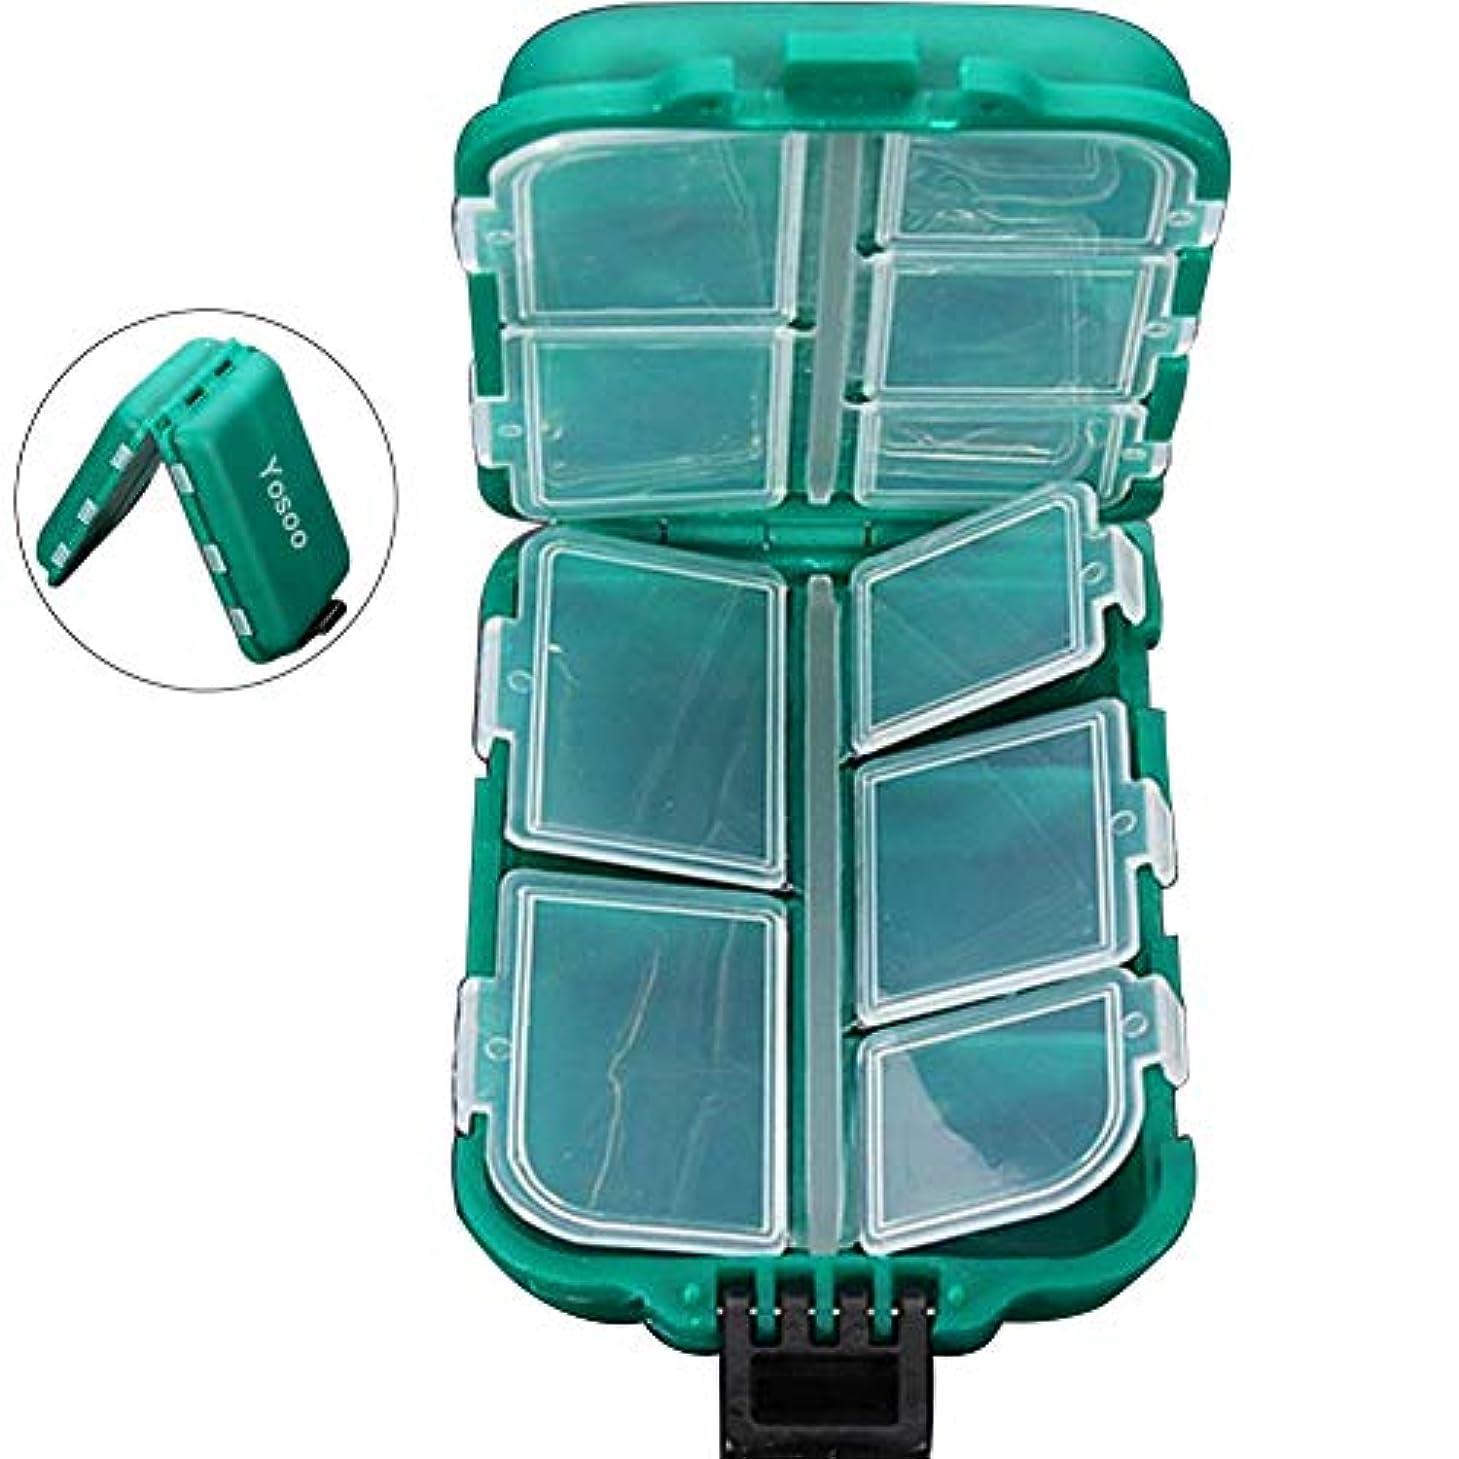 ウール干渉川Yosoo Small 10コンパートメント防水ハード釣りタックルボックスケース、フックルアー疑似餌ストレージボックス